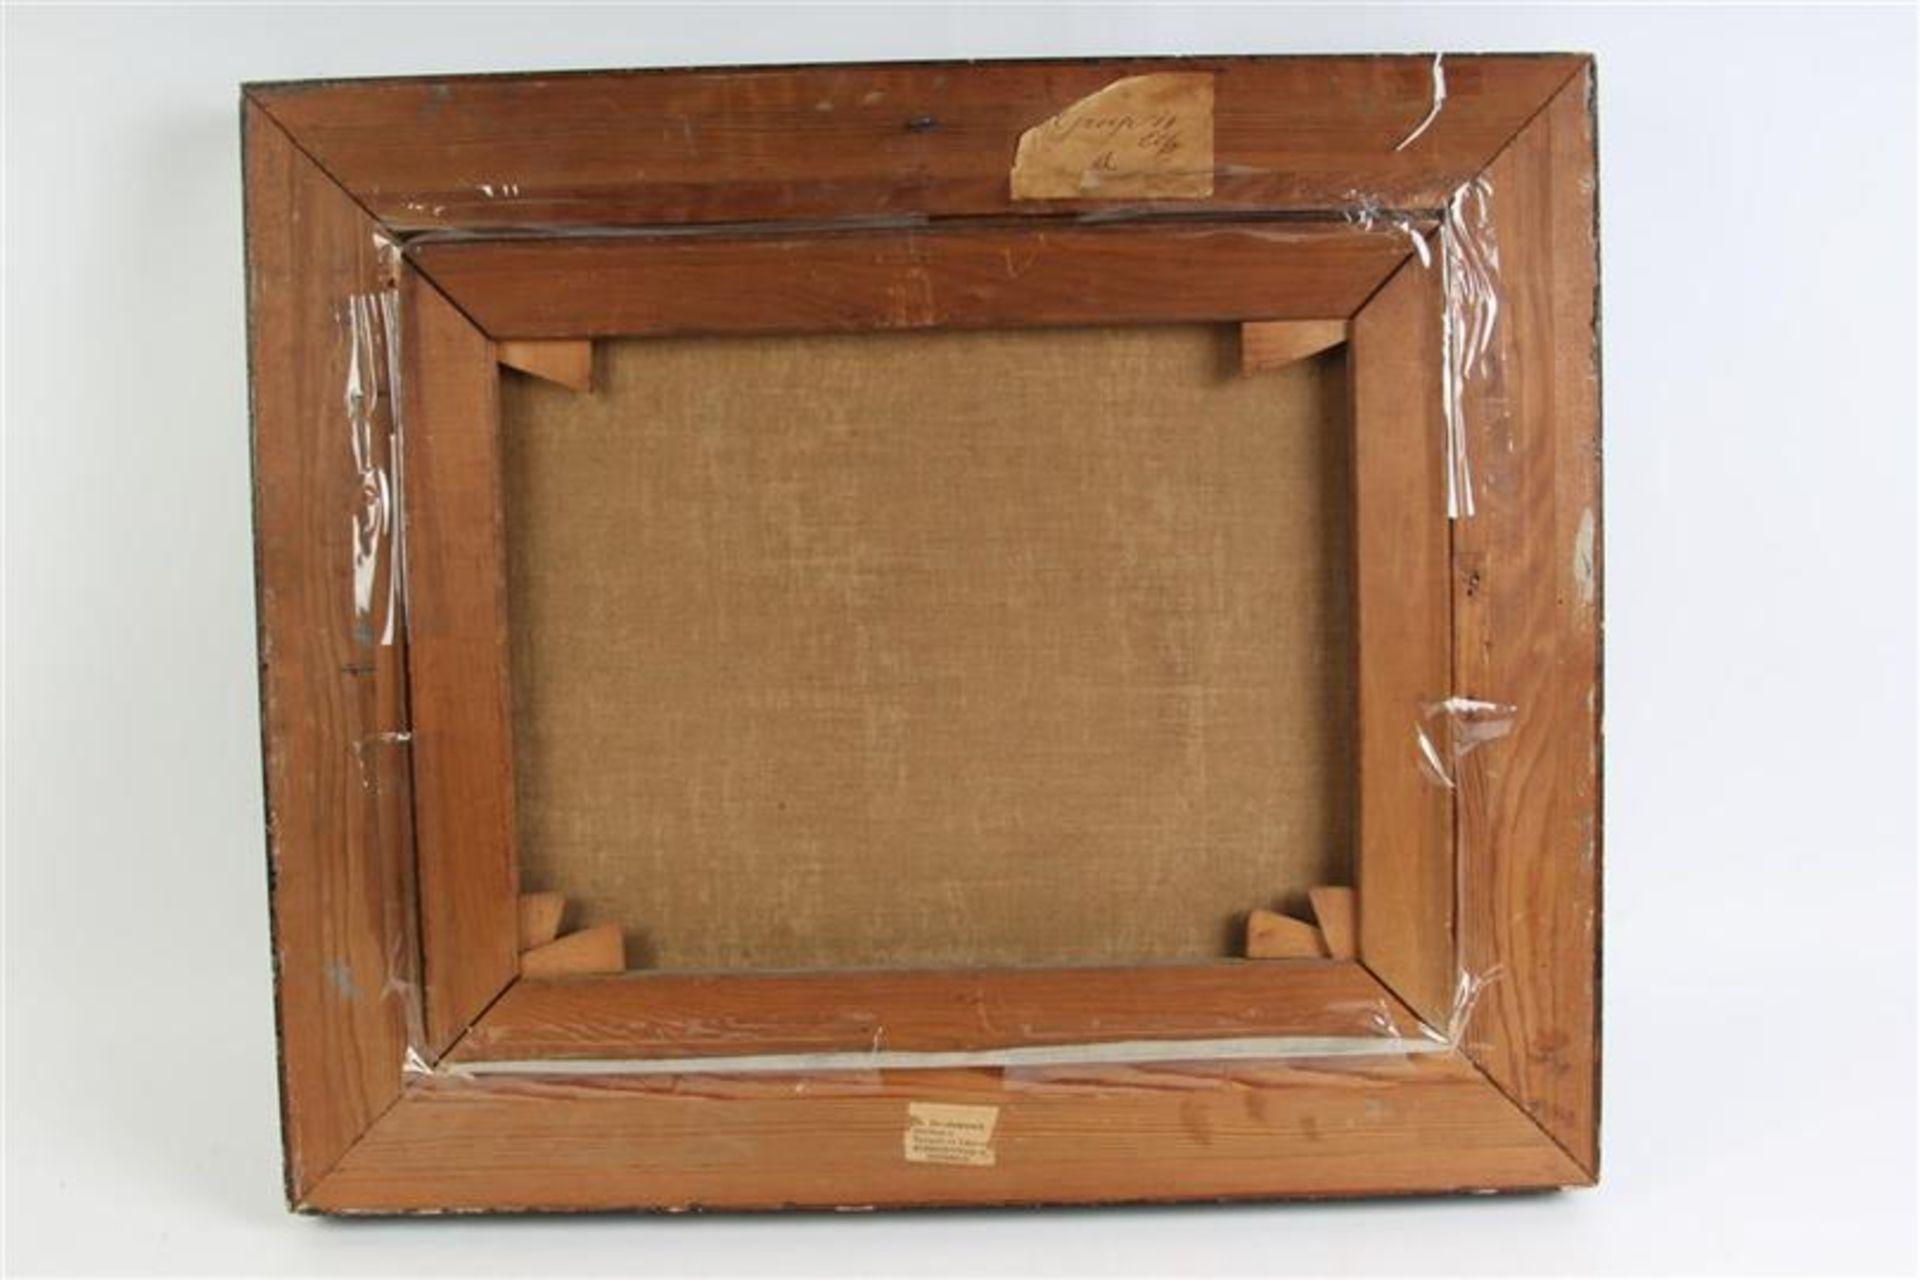 Schilderij op doek 'Keukenstilleven' HxB: 39 x 49 cm. - Bild 3 aus 3